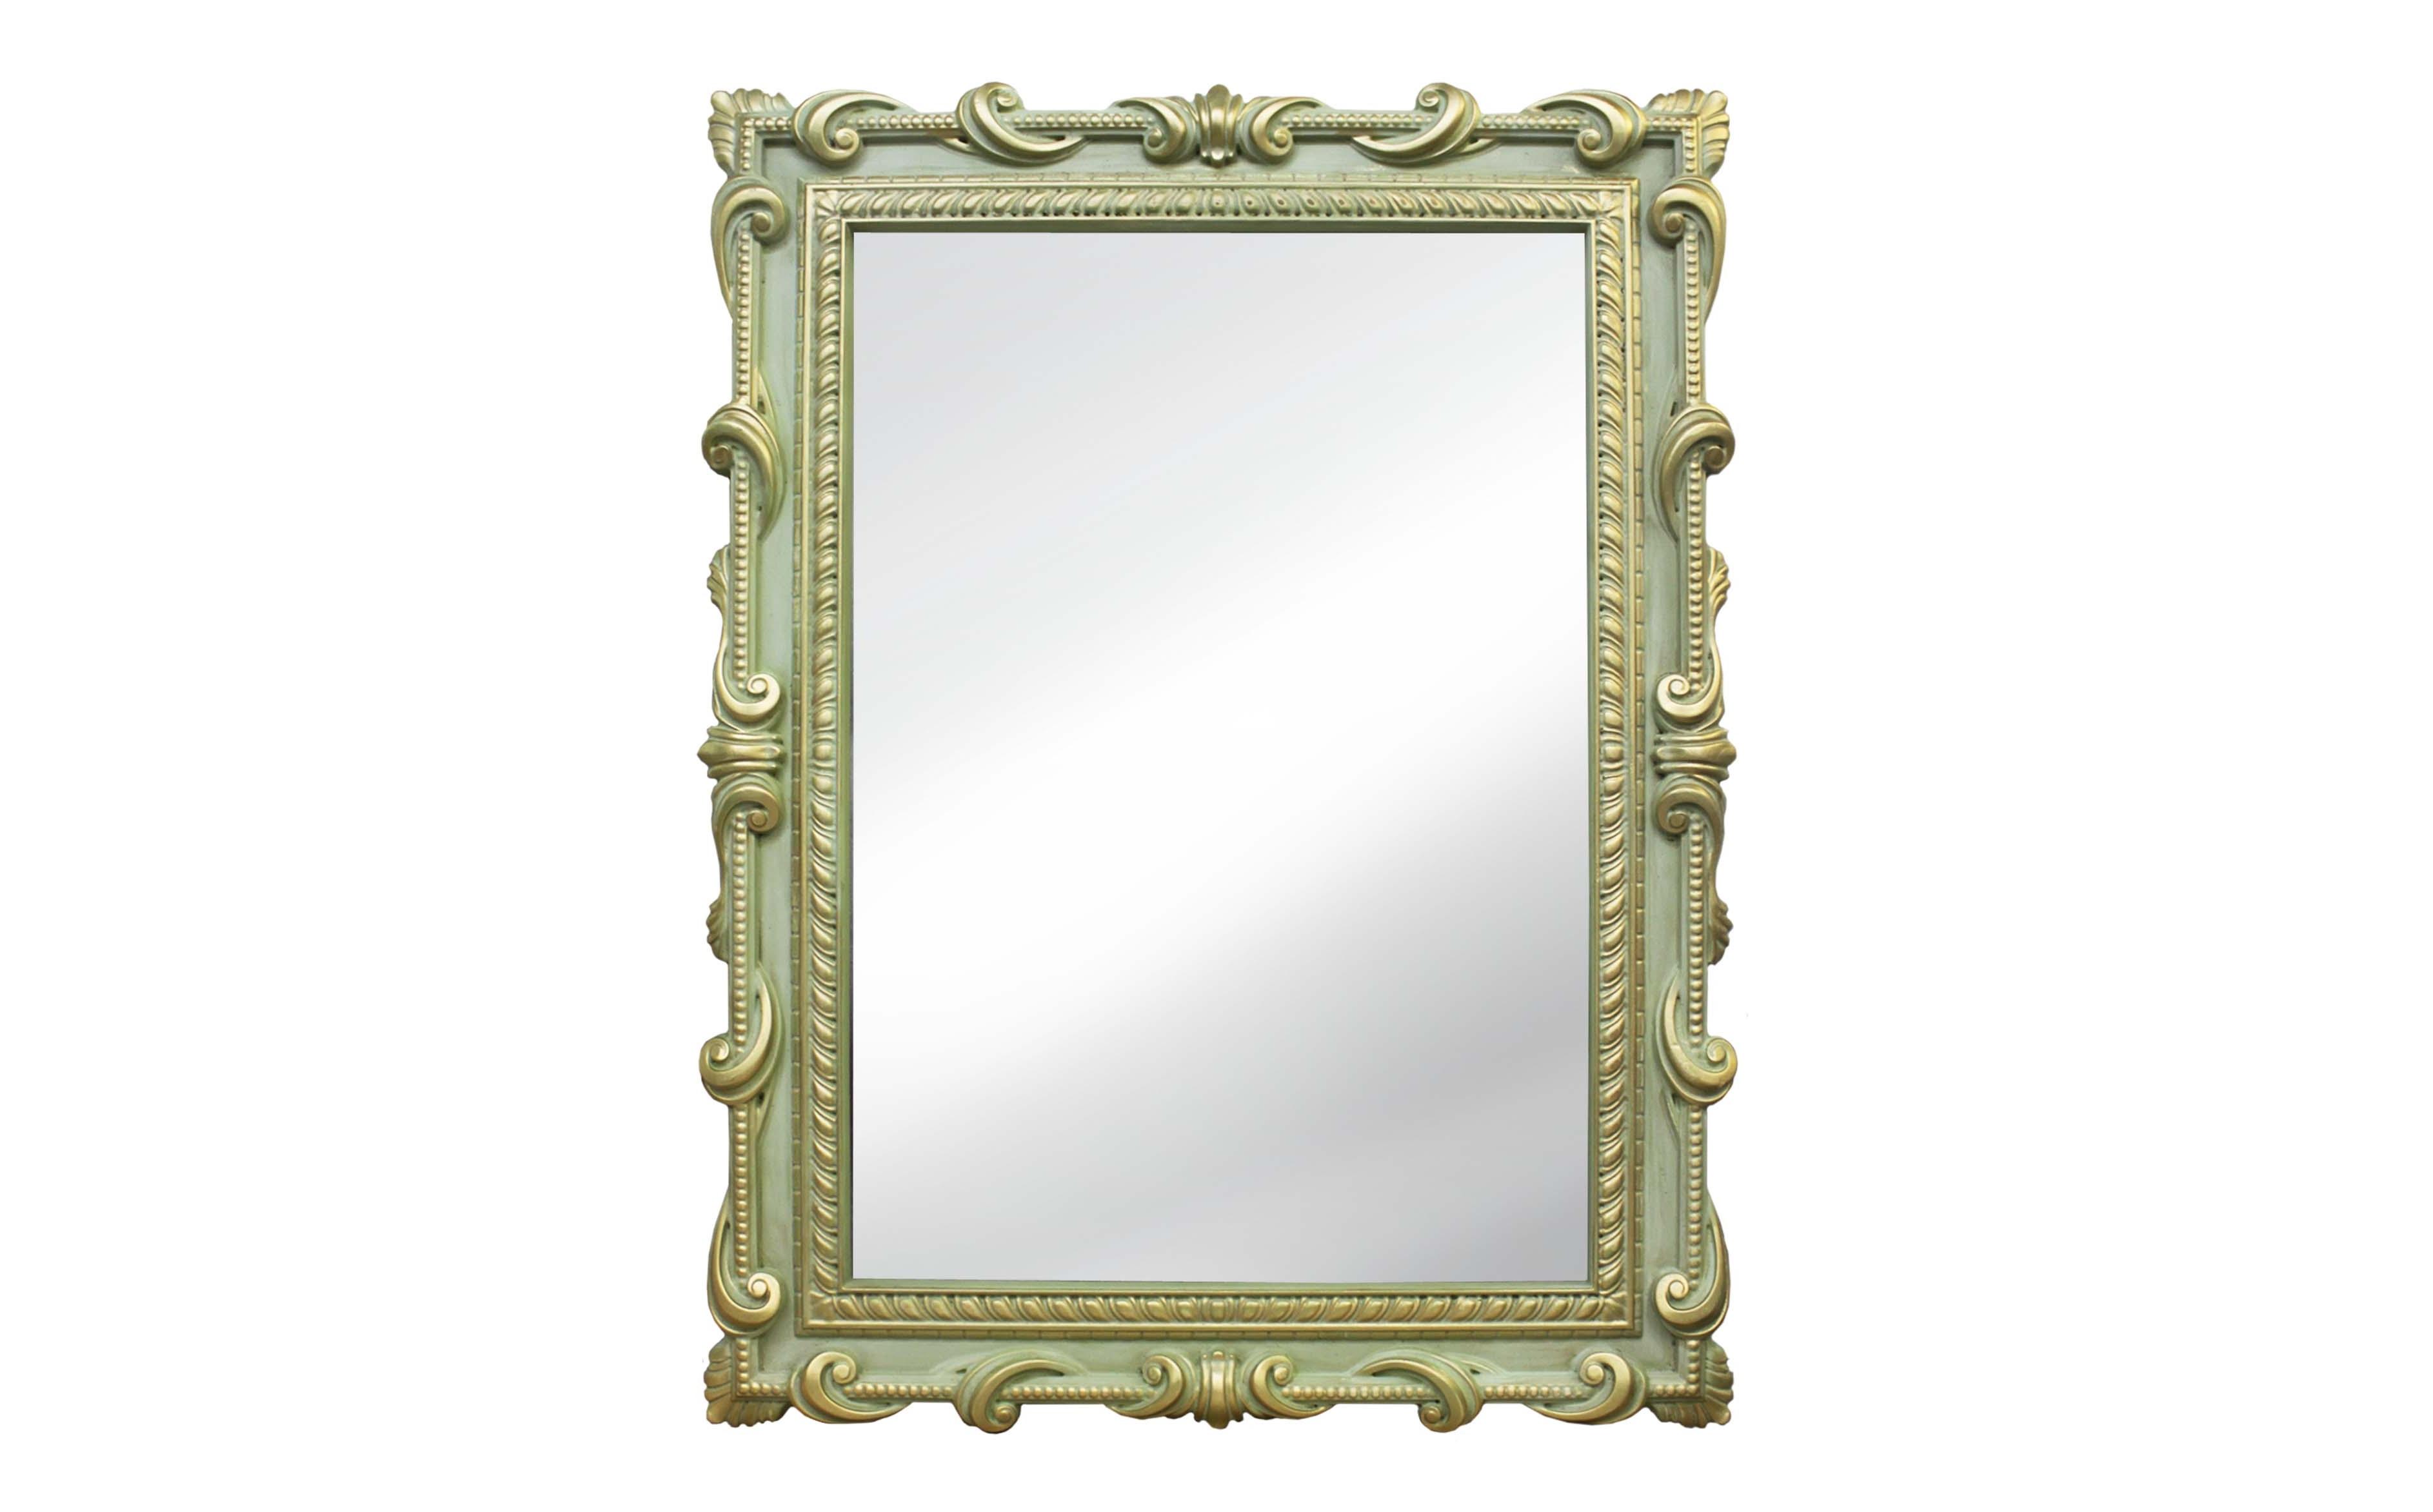 Зеркало ТЕНИАНастенные зеркала<br>&amp;lt;div&amp;gt;&amp;lt;div&amp;gt;Очень эффектное зеркало в классическом вкусе, да с античной нотой. Рама изготовлена из мебельного пенополиуретана, материала твердого и неприхотливого, легкого в обработке и почти вечного в использовании. Резная поверхность окрашена в светло-оливковый оттенок и искусственно состарена нанесением благородной патины. Это зеркало можно повесить в ванной, ему нипочем воздействие влаги.&amp;lt;/div&amp;gt;&amp;lt;/div&amp;gt;&amp;lt;div&amp;gt;&amp;lt;span style=&amp;quot;line-height: 1.78571;&amp;quot;&amp;gt;&amp;lt;br&amp;gt;&amp;lt;/span&amp;gt;&amp;lt;/div&amp;gt;&amp;lt;div&amp;gt;&amp;lt;span style=&amp;quot;line-height: 1.78571;&amp;quot;&amp;gt;Исполнение: Олива Золото Патина&amp;lt;/span&amp;gt;&amp;lt;br&amp;gt;&amp;lt;/div&amp;gt;<br><br>Material: Полиуретан<br>Ширина см: 72<br>Высота см: 94<br>Глубина см: 4